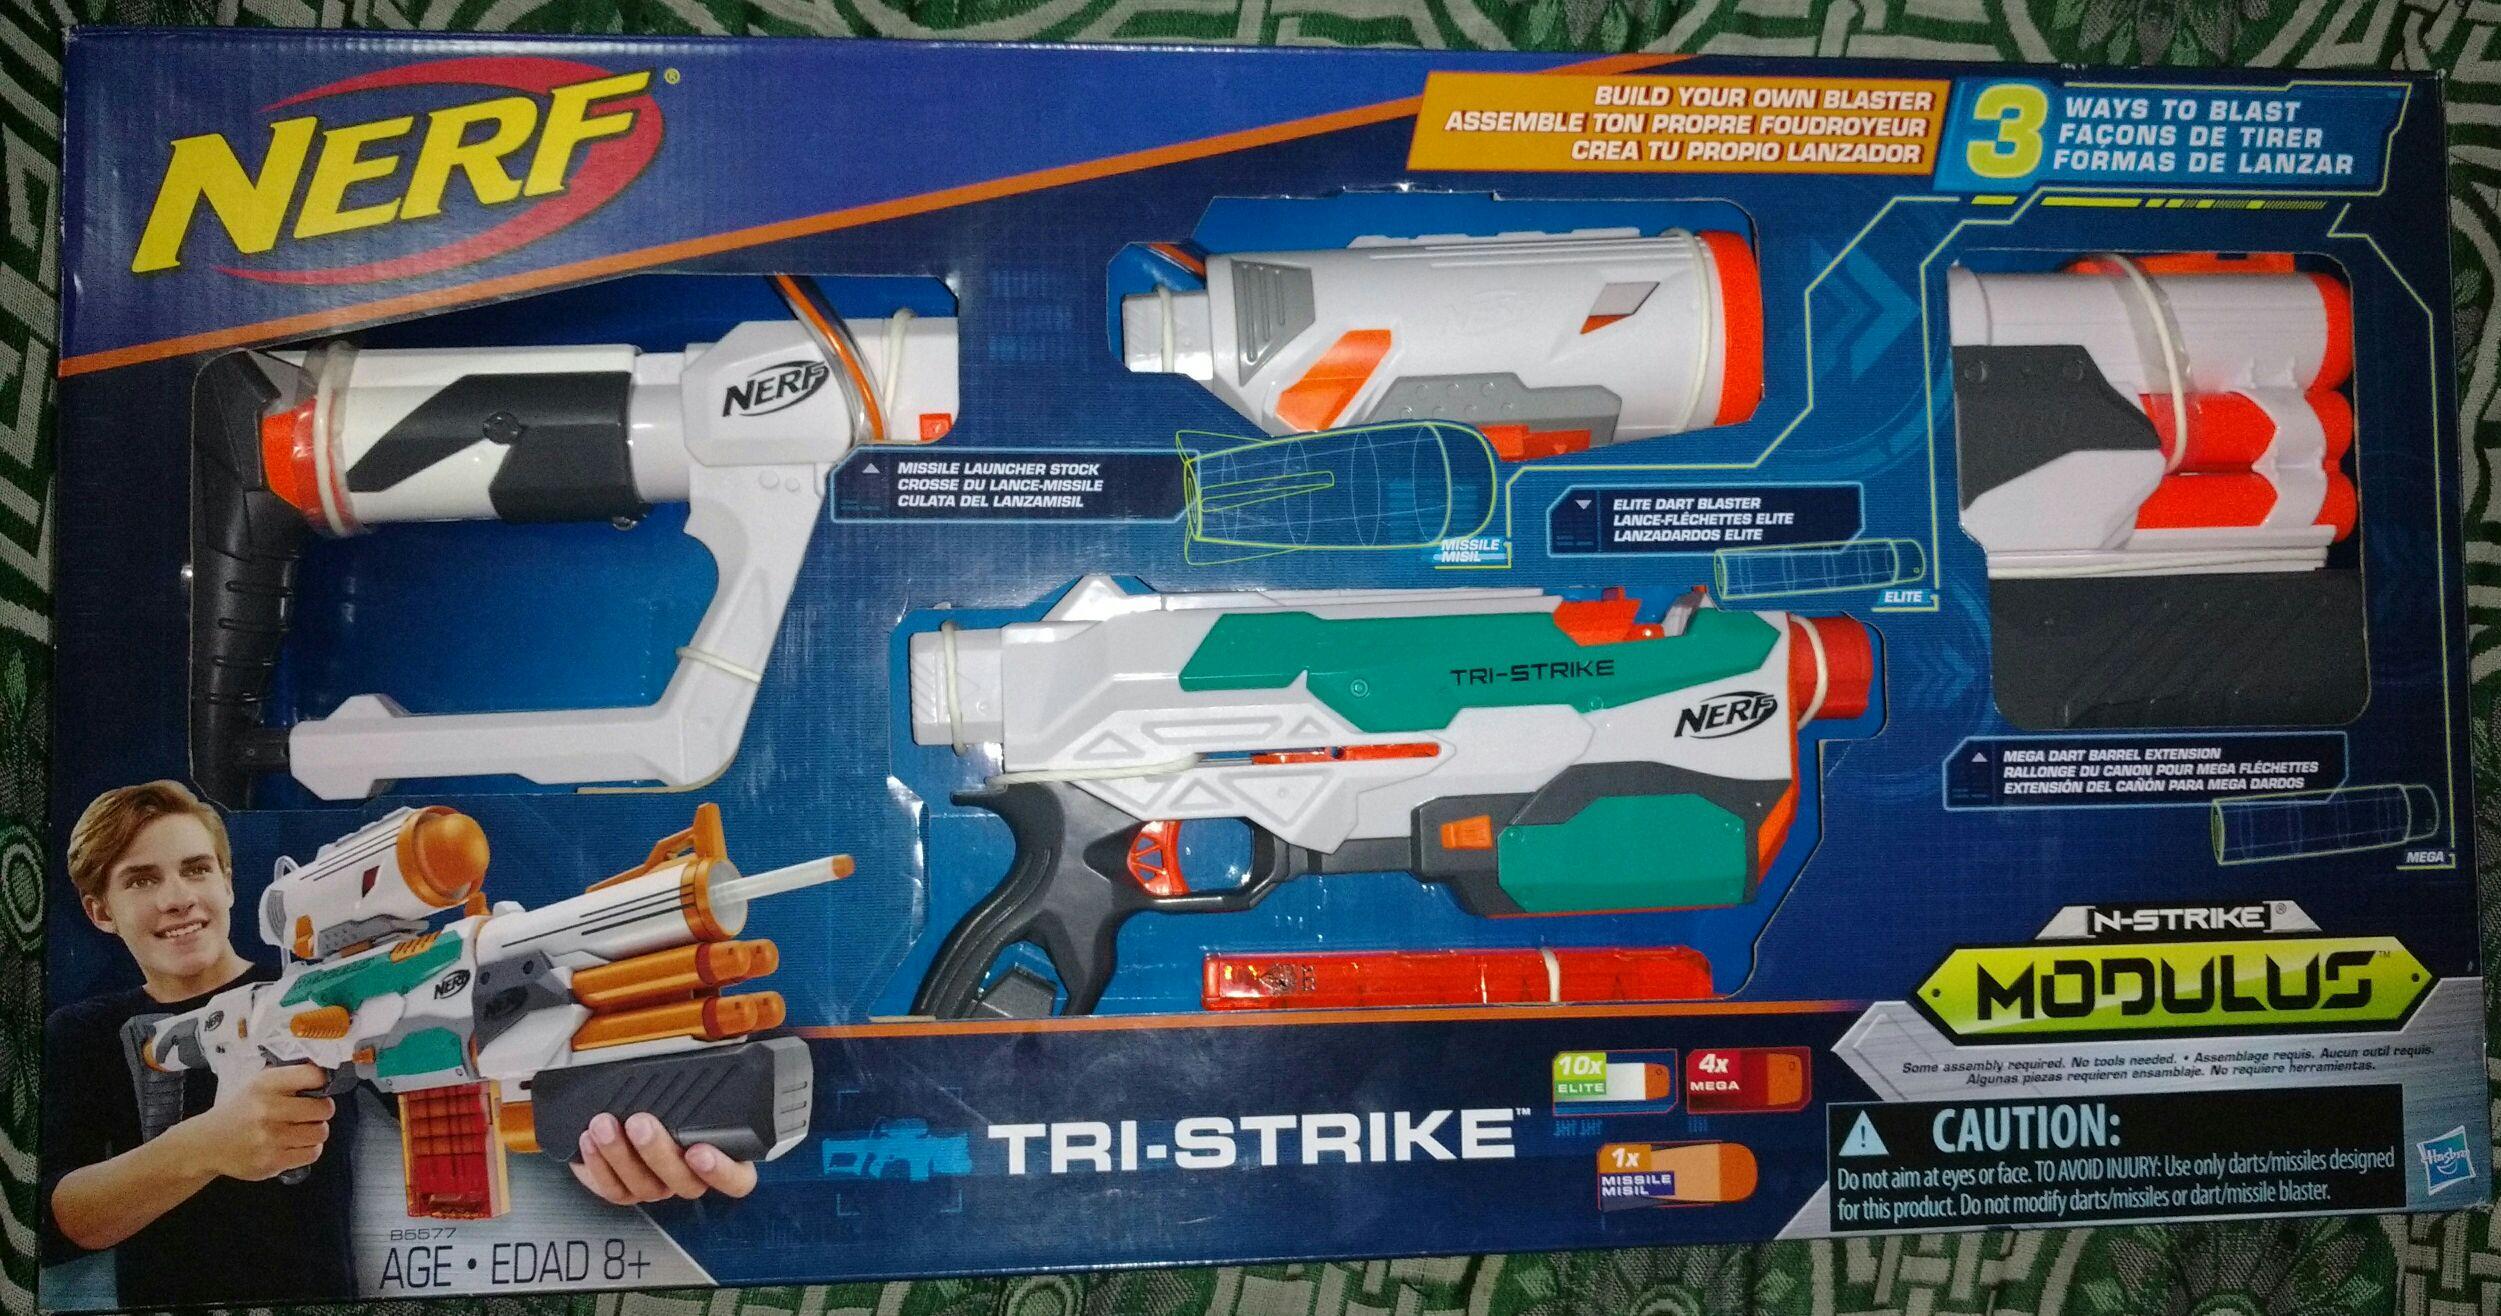 Walmart: Nerf modulus TRI-STRIKE a $599.03